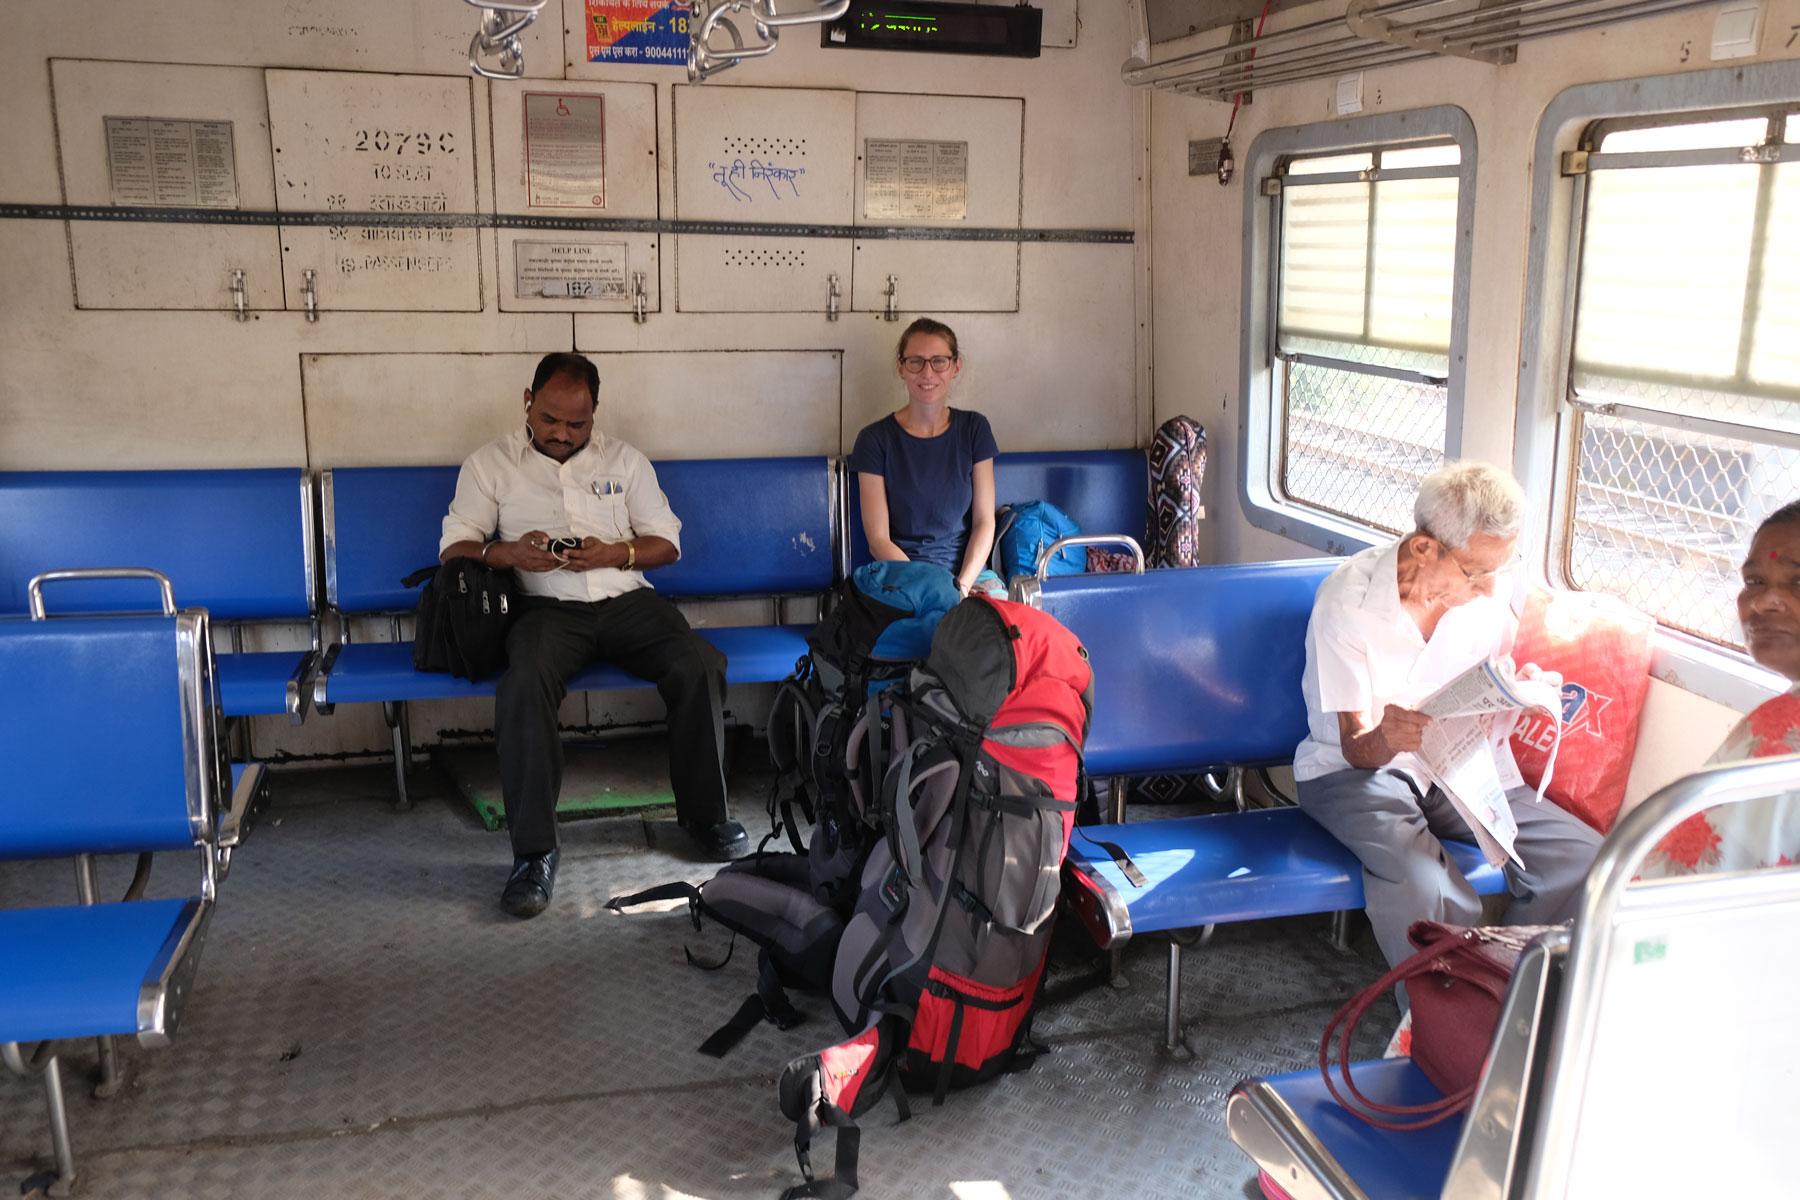 Leo sitzt mit anderen Fahrgästen in einem Regionalzug in Mumbai.